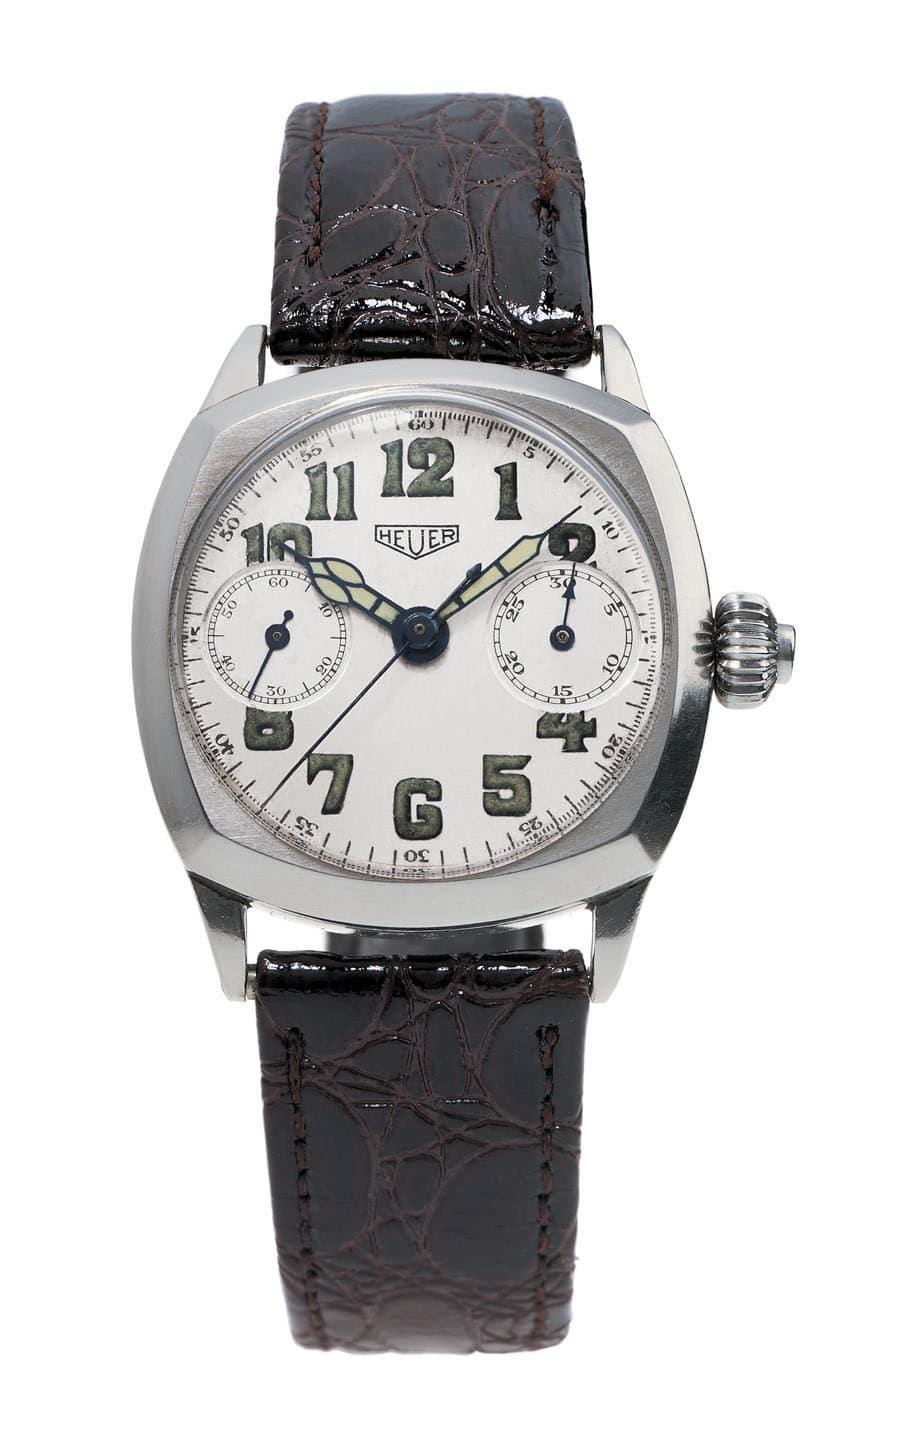 Vorbild: Der kissenförmige Ein-Drücker-Chronograph von 1933 gibt das Design der Monza vor.